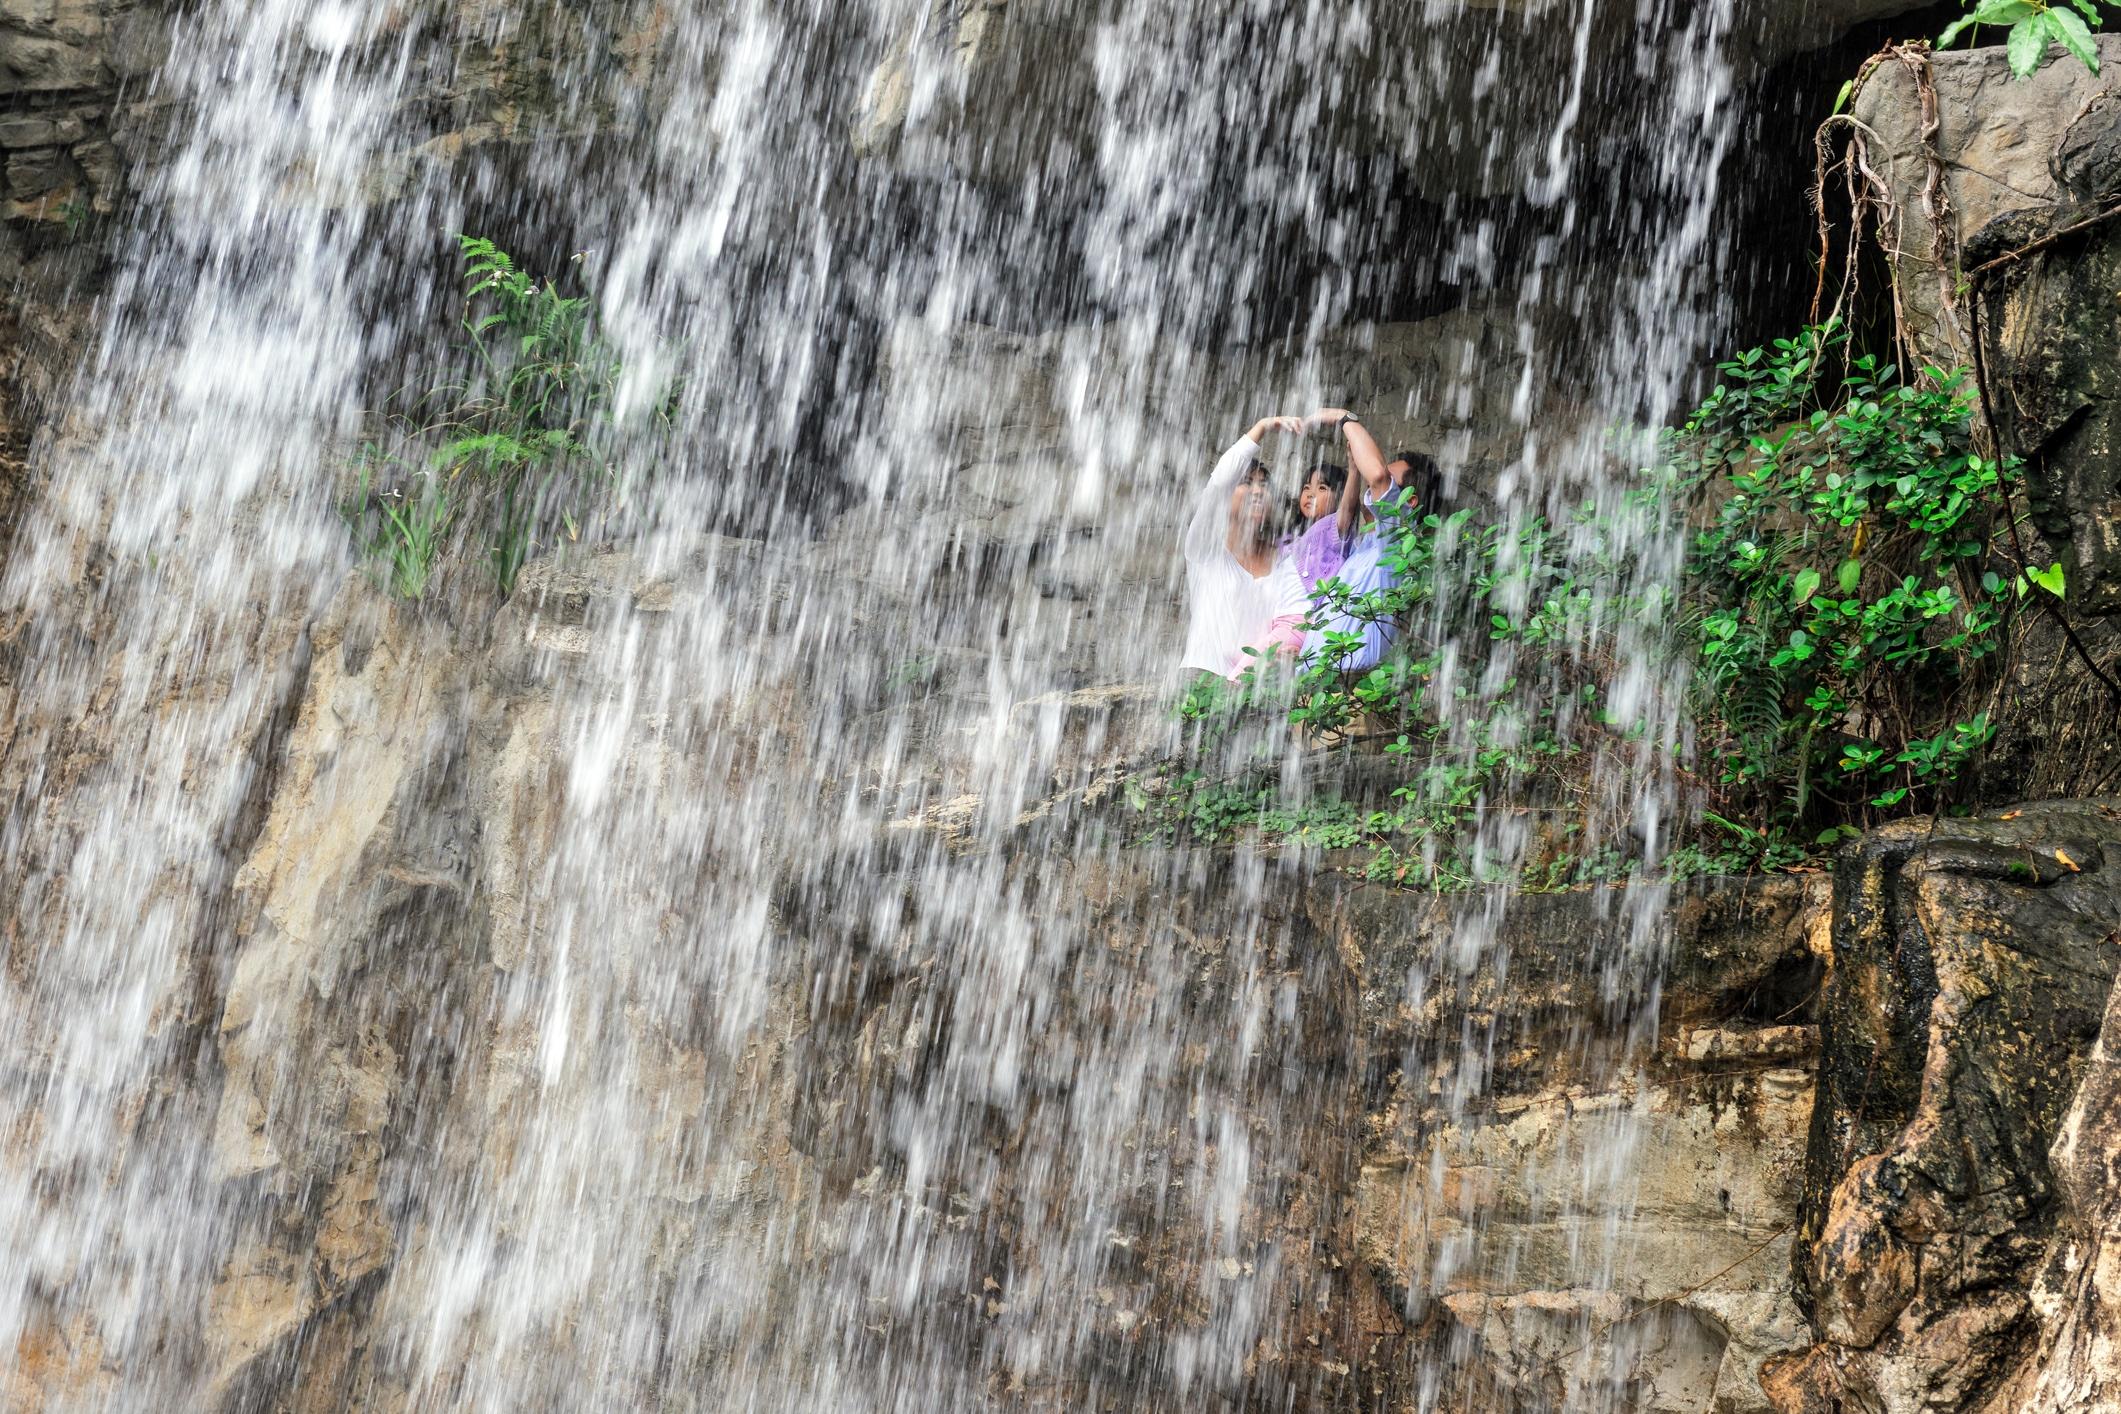 A family walks under the waterfall at Hong Kong Park.